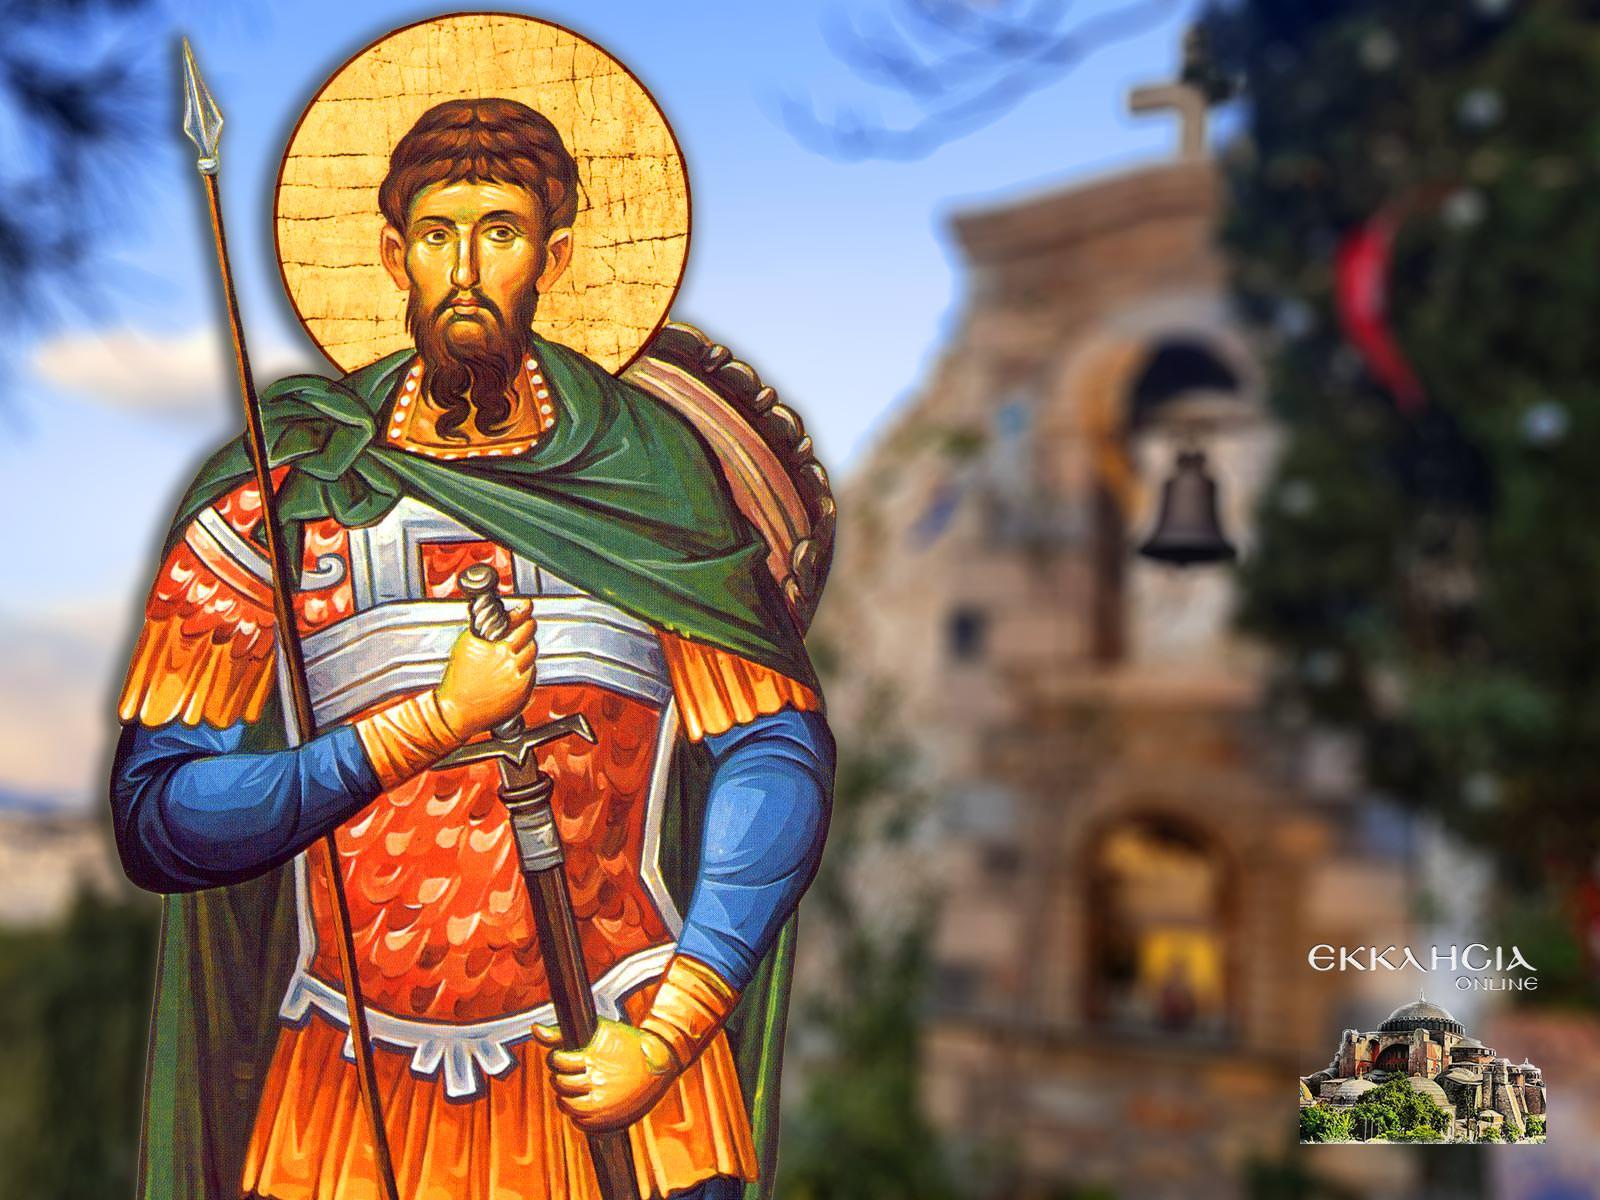 Άγιος Θεόδωρος Τήρων Λυκαβηττός 17 Φεβρουαρίου